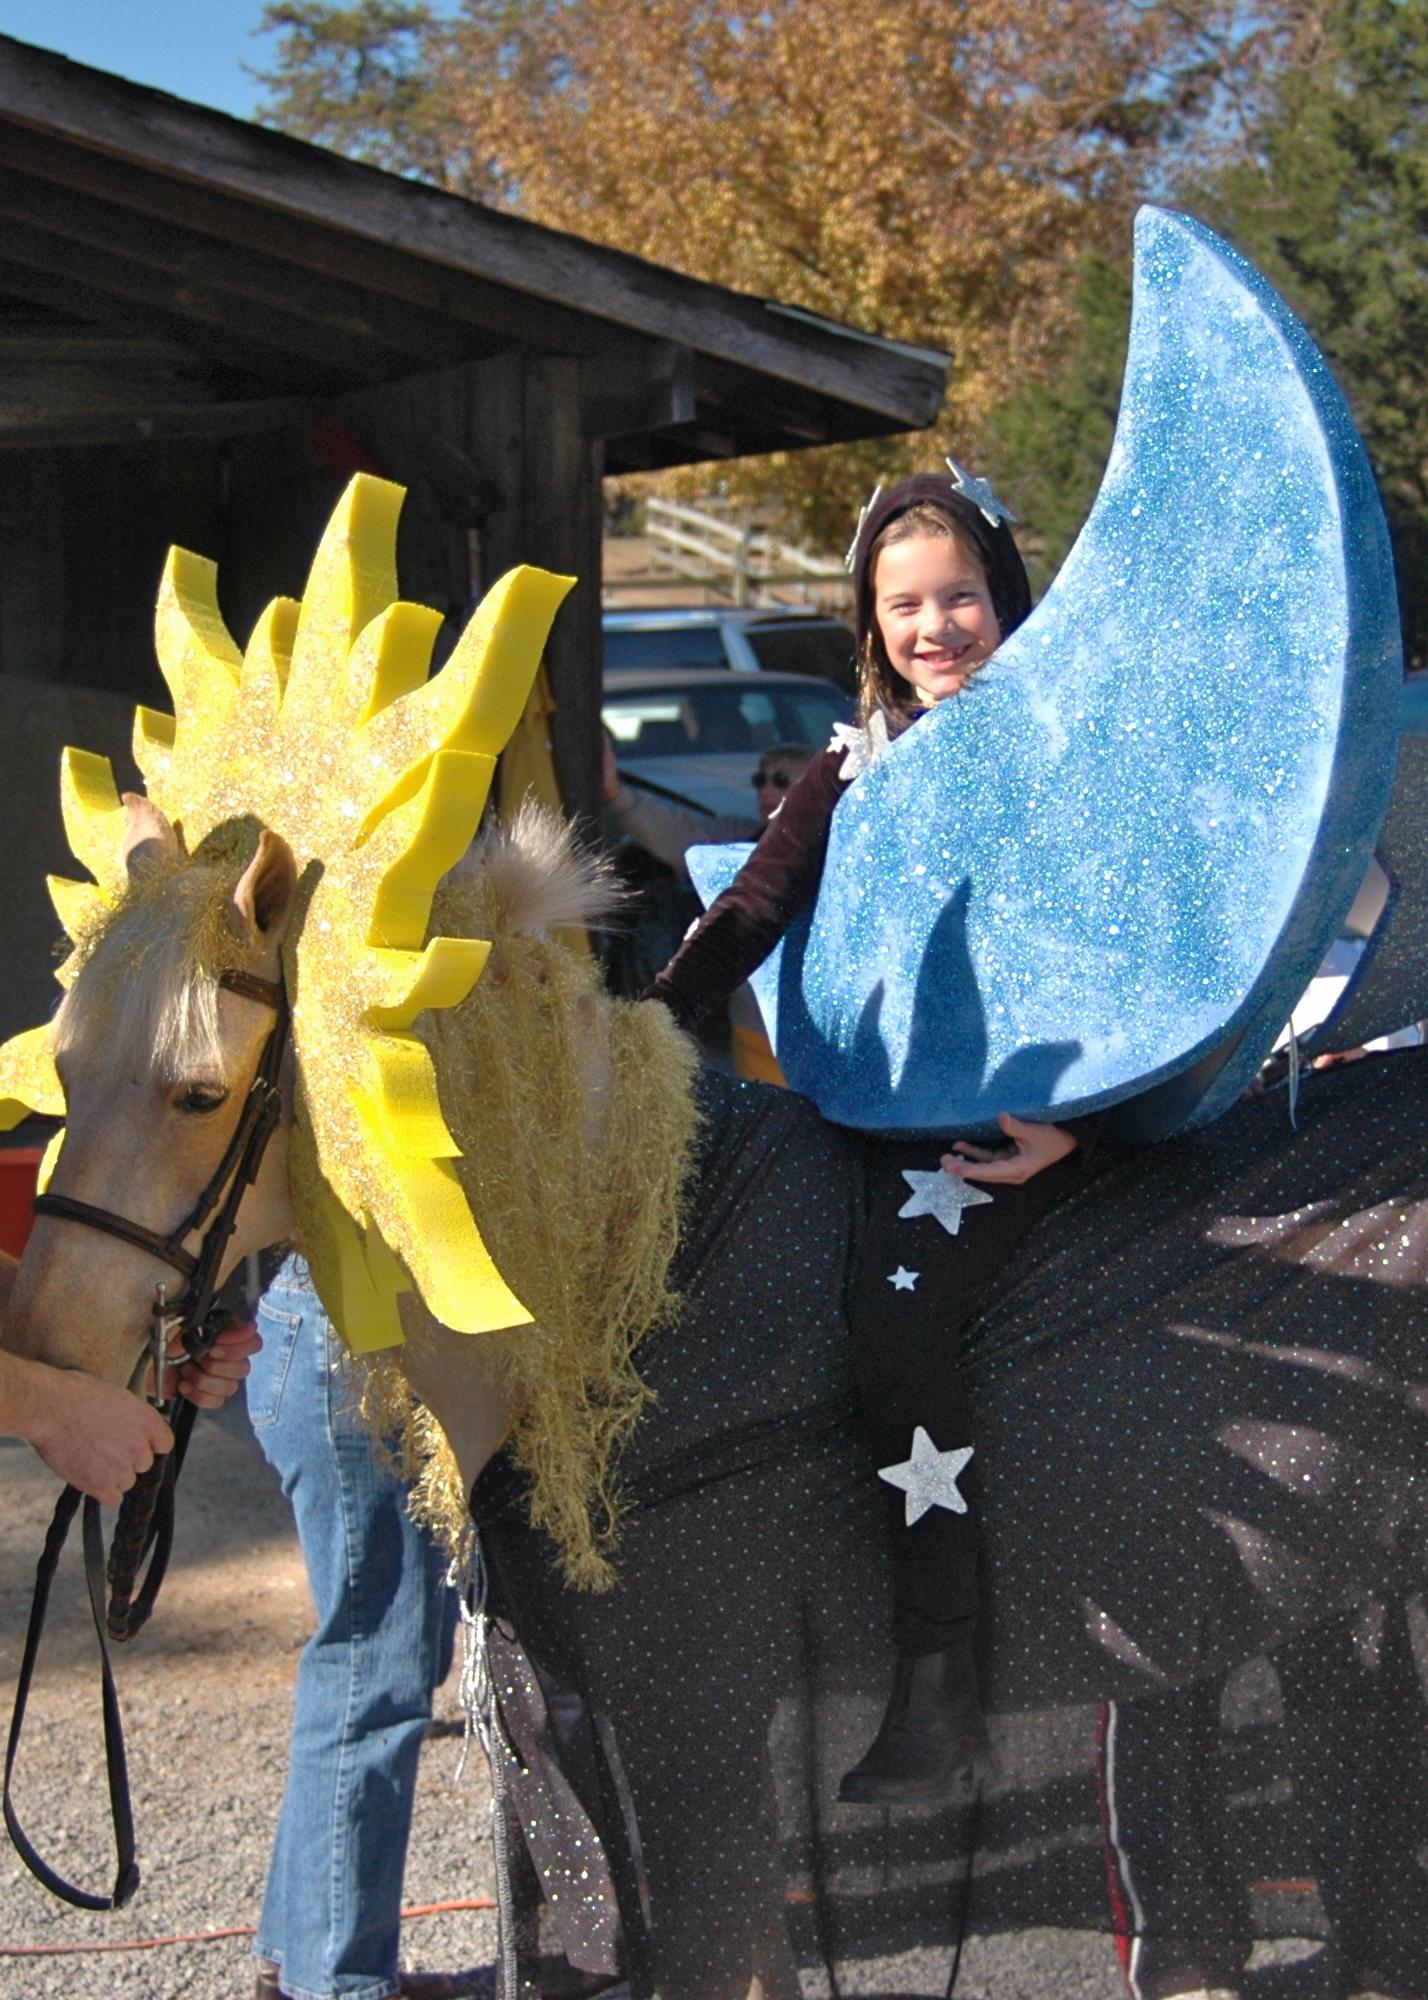 Lemon Drop small pony for lease Fiesta Farm Knoxville TN  Fiesta Farm